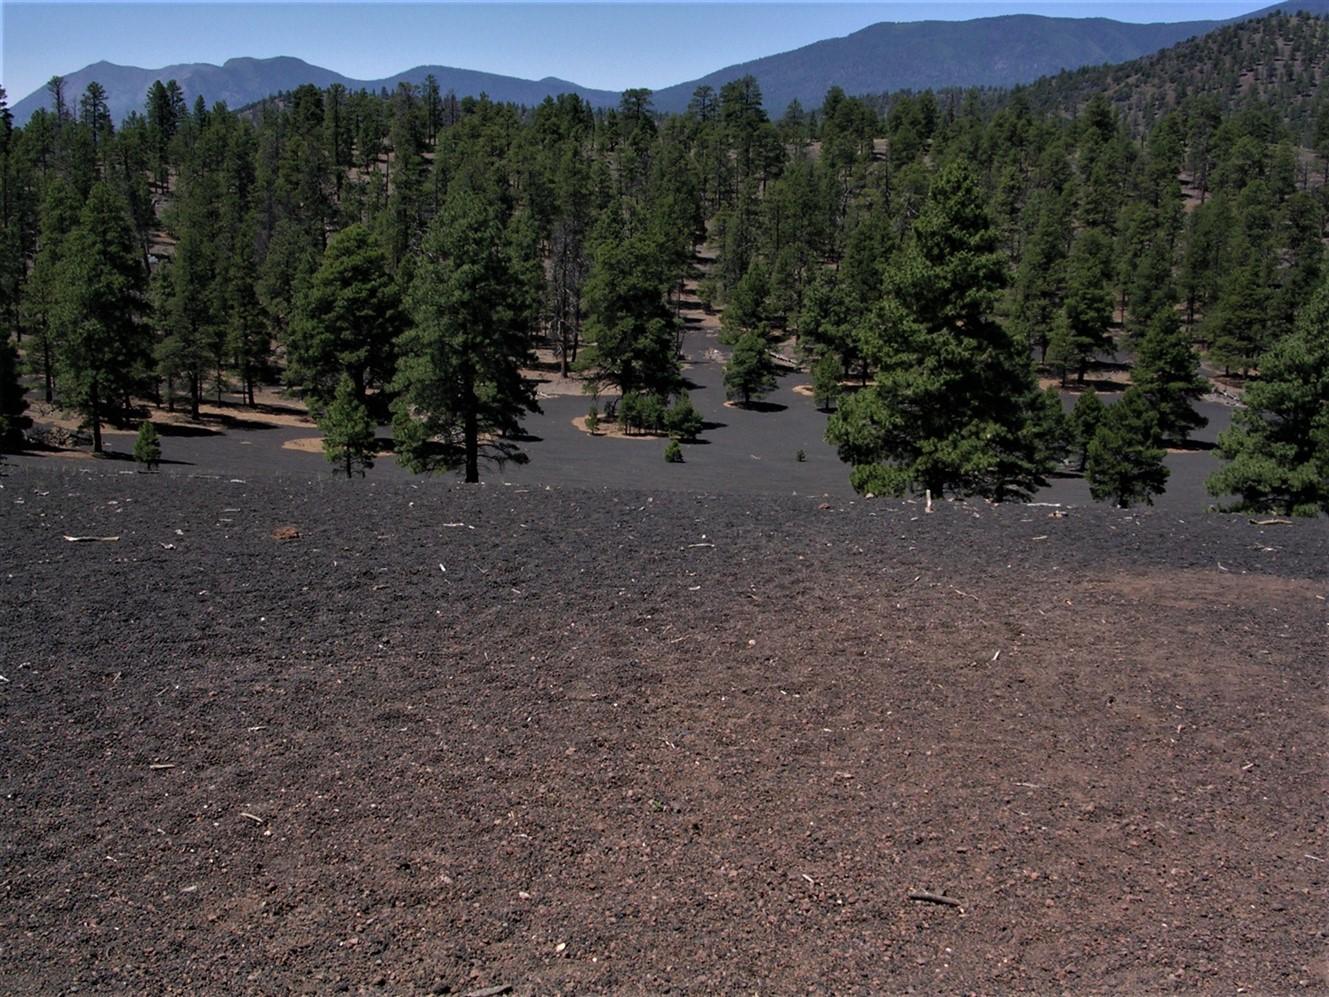 2005 06 26 Sunset Crater Arizona 10.jpg